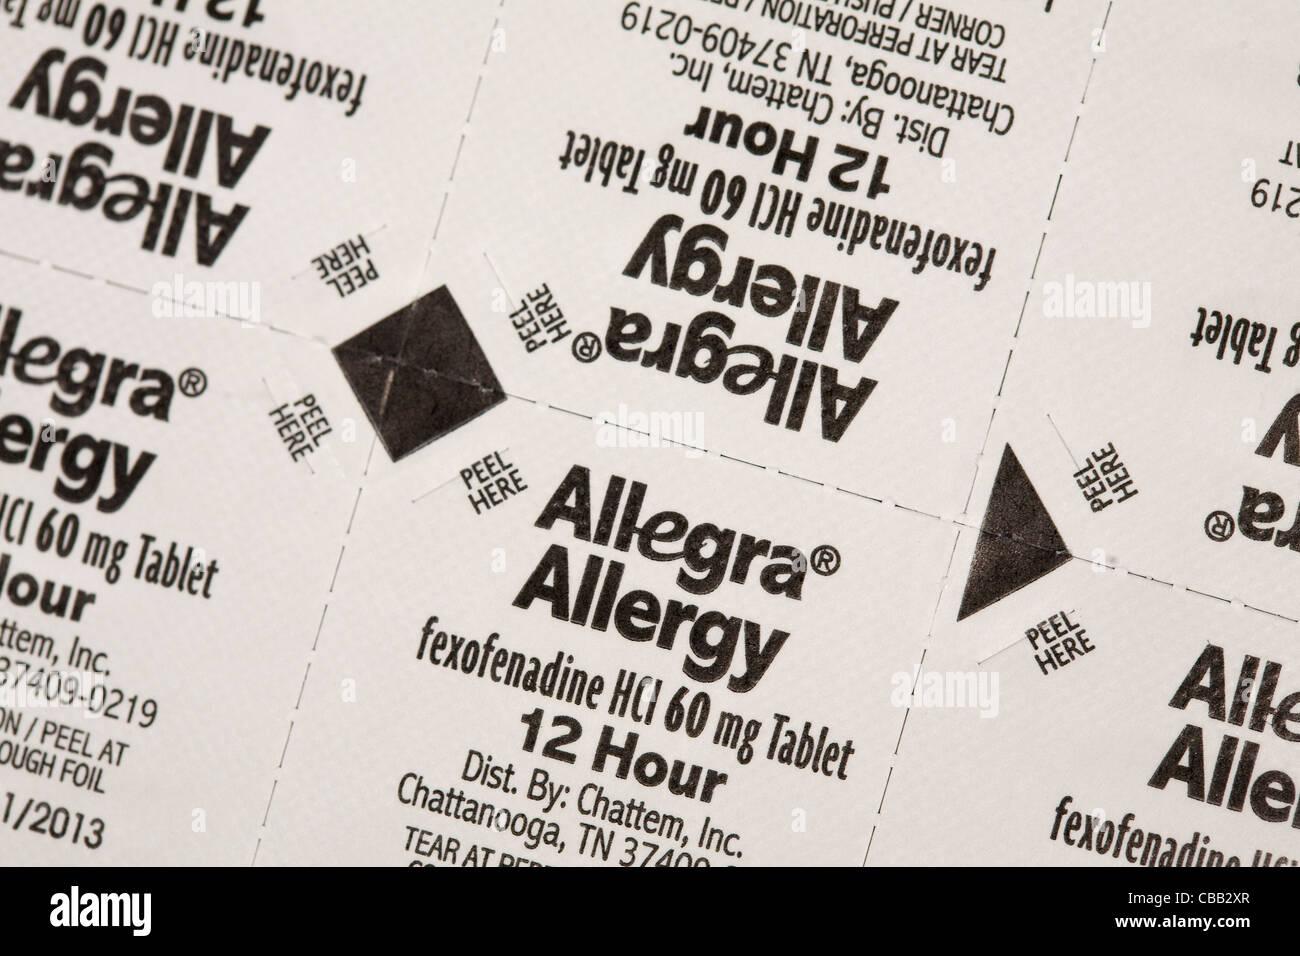 Allegra medicamento contra la alergia Imagen De Stock